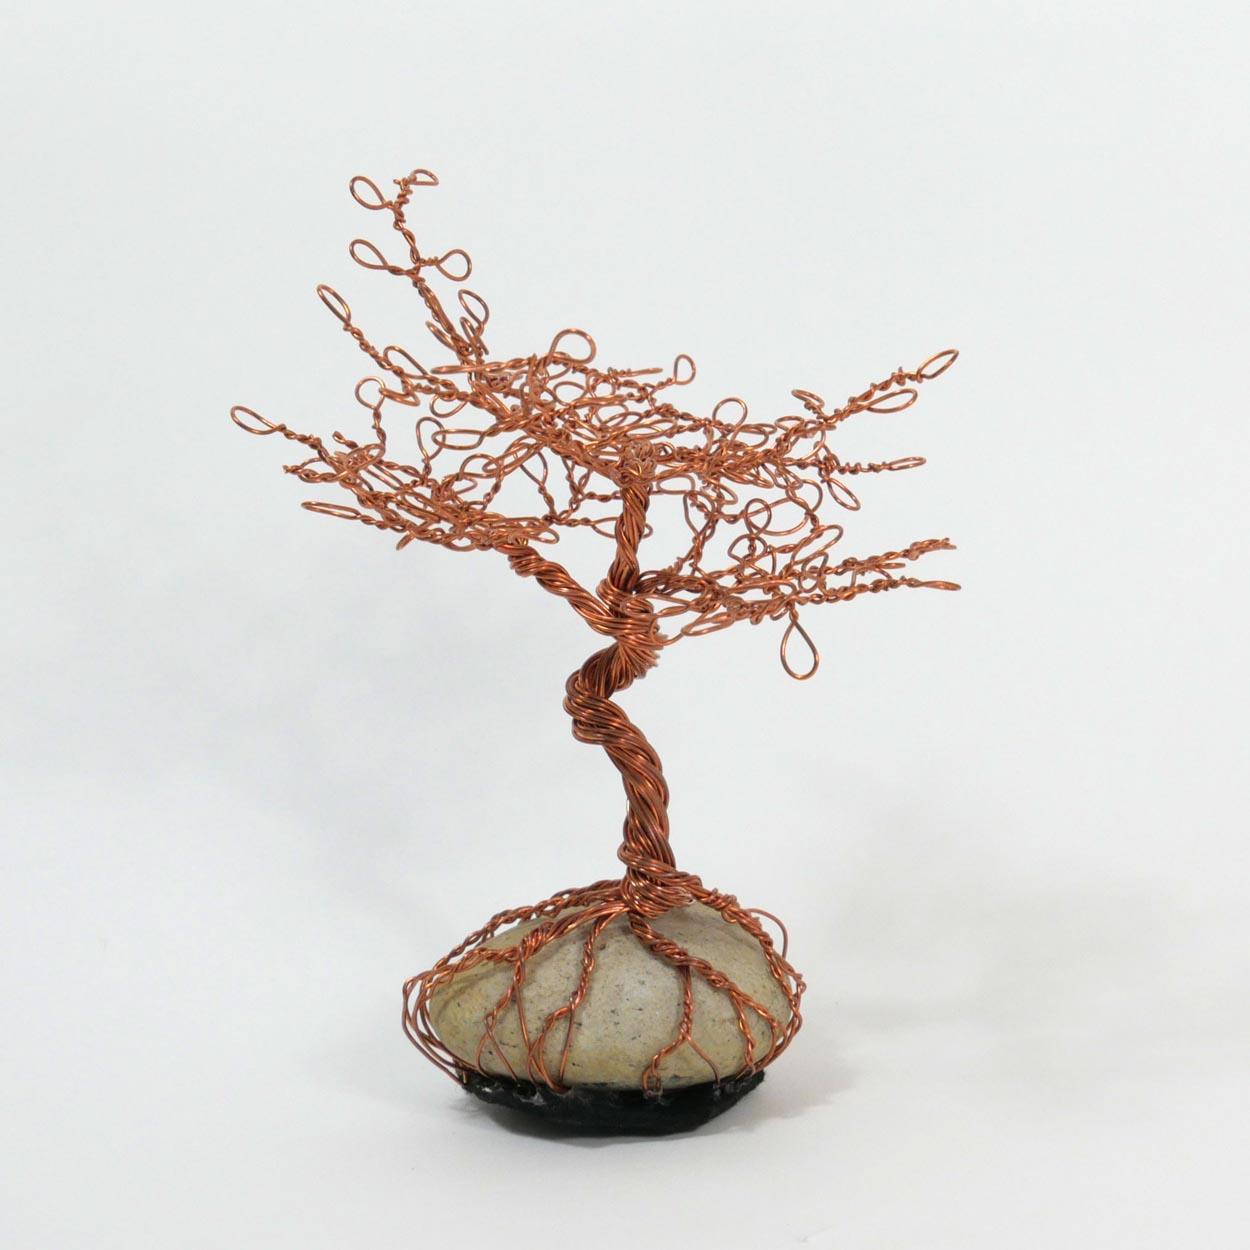 Afrikanischer Baum aus Kupferdraht